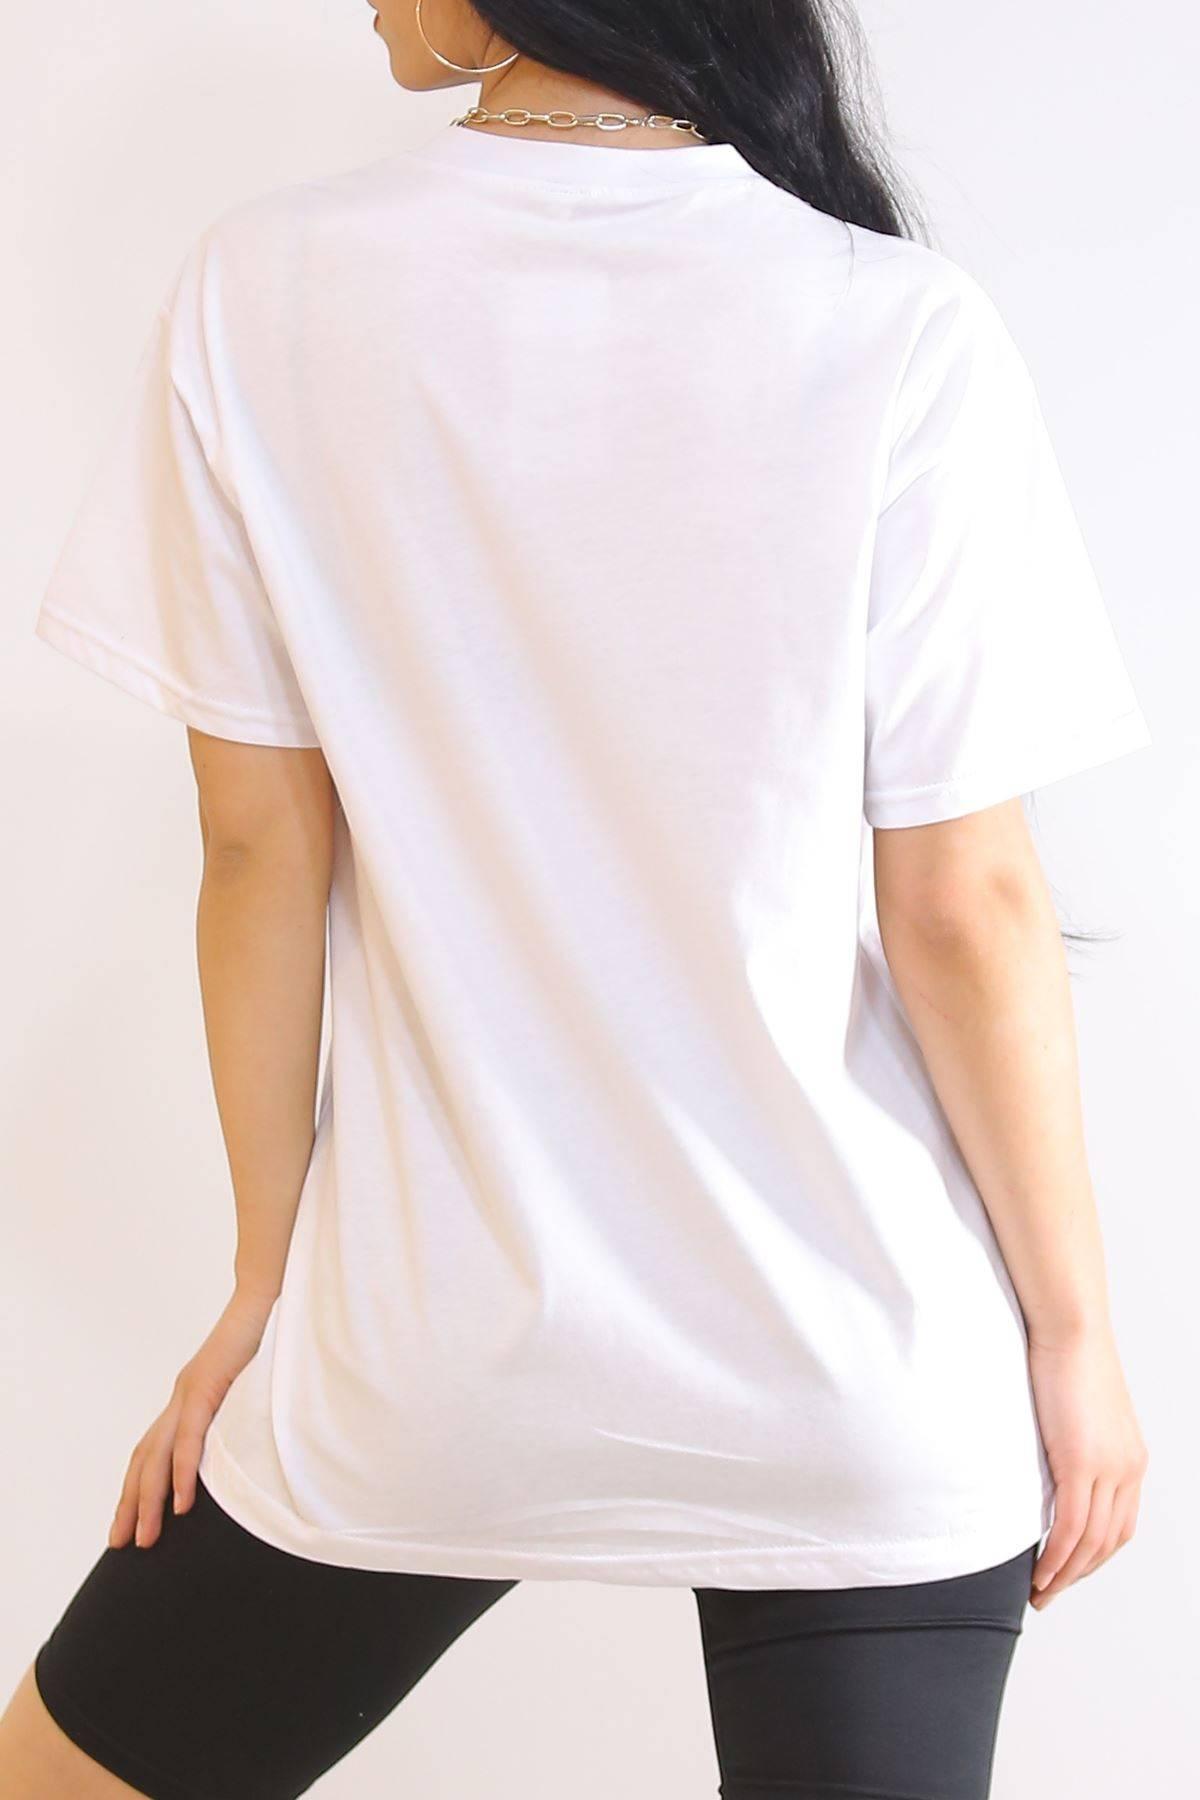 Biyeli Nakışlı Tişört Beyaz - 6183.1377.